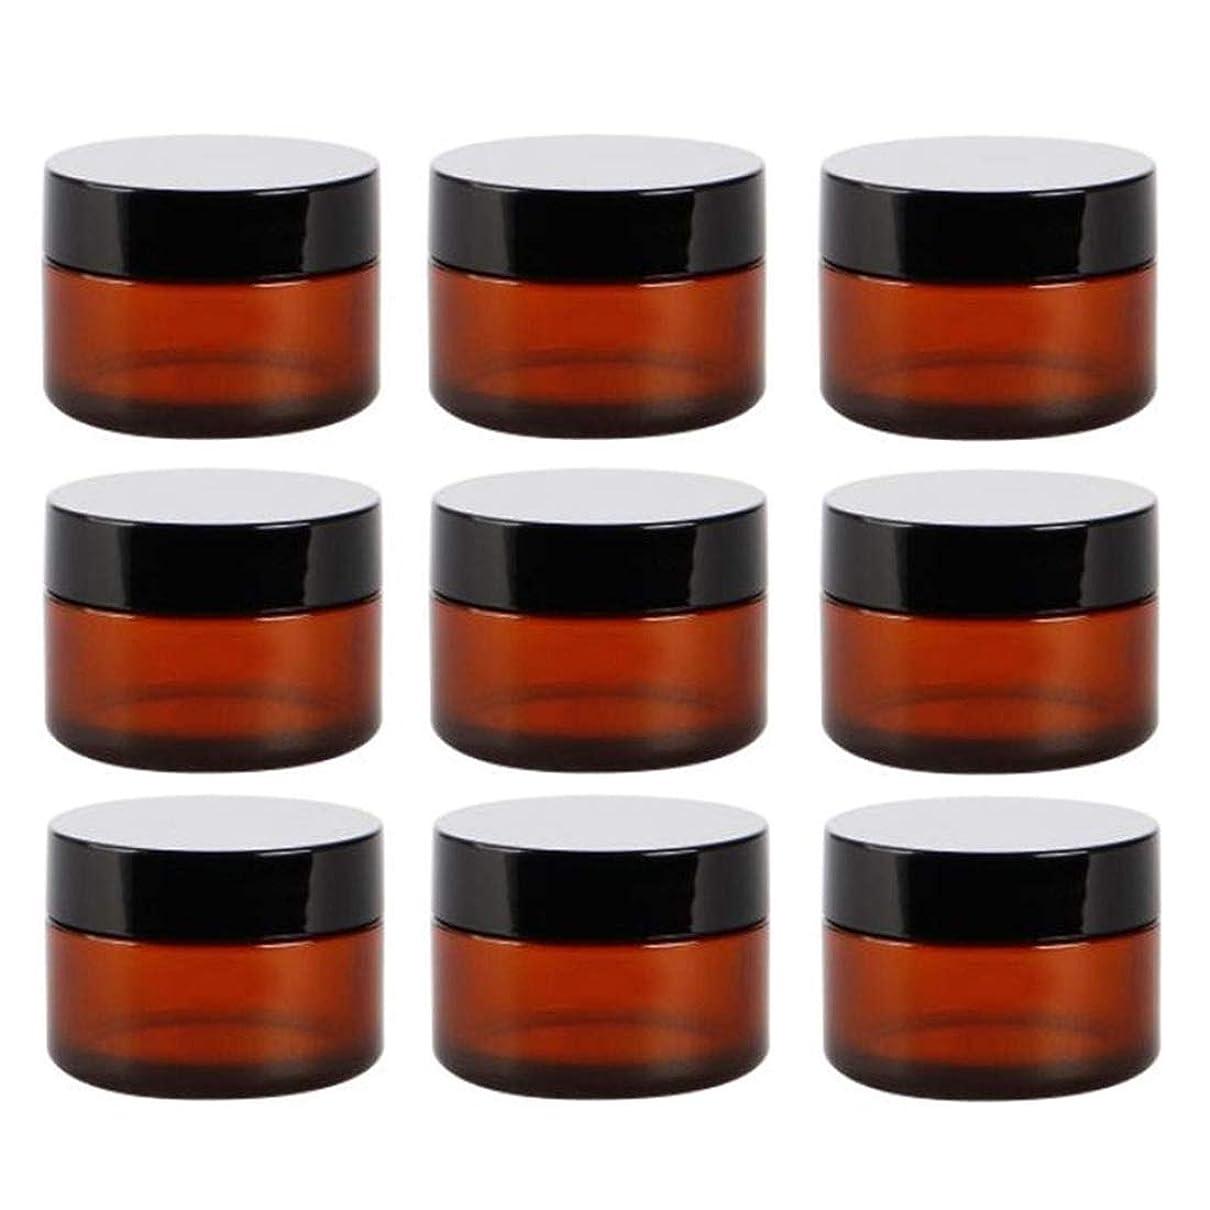 ファイルくすぐったいジャンルYiteng スポイト遮光瓶 アロマオイル 精油 香水やアロマの保存 小分け用 遮光瓶 保存 詰替え ガラス製 9本セット (茶色10g)